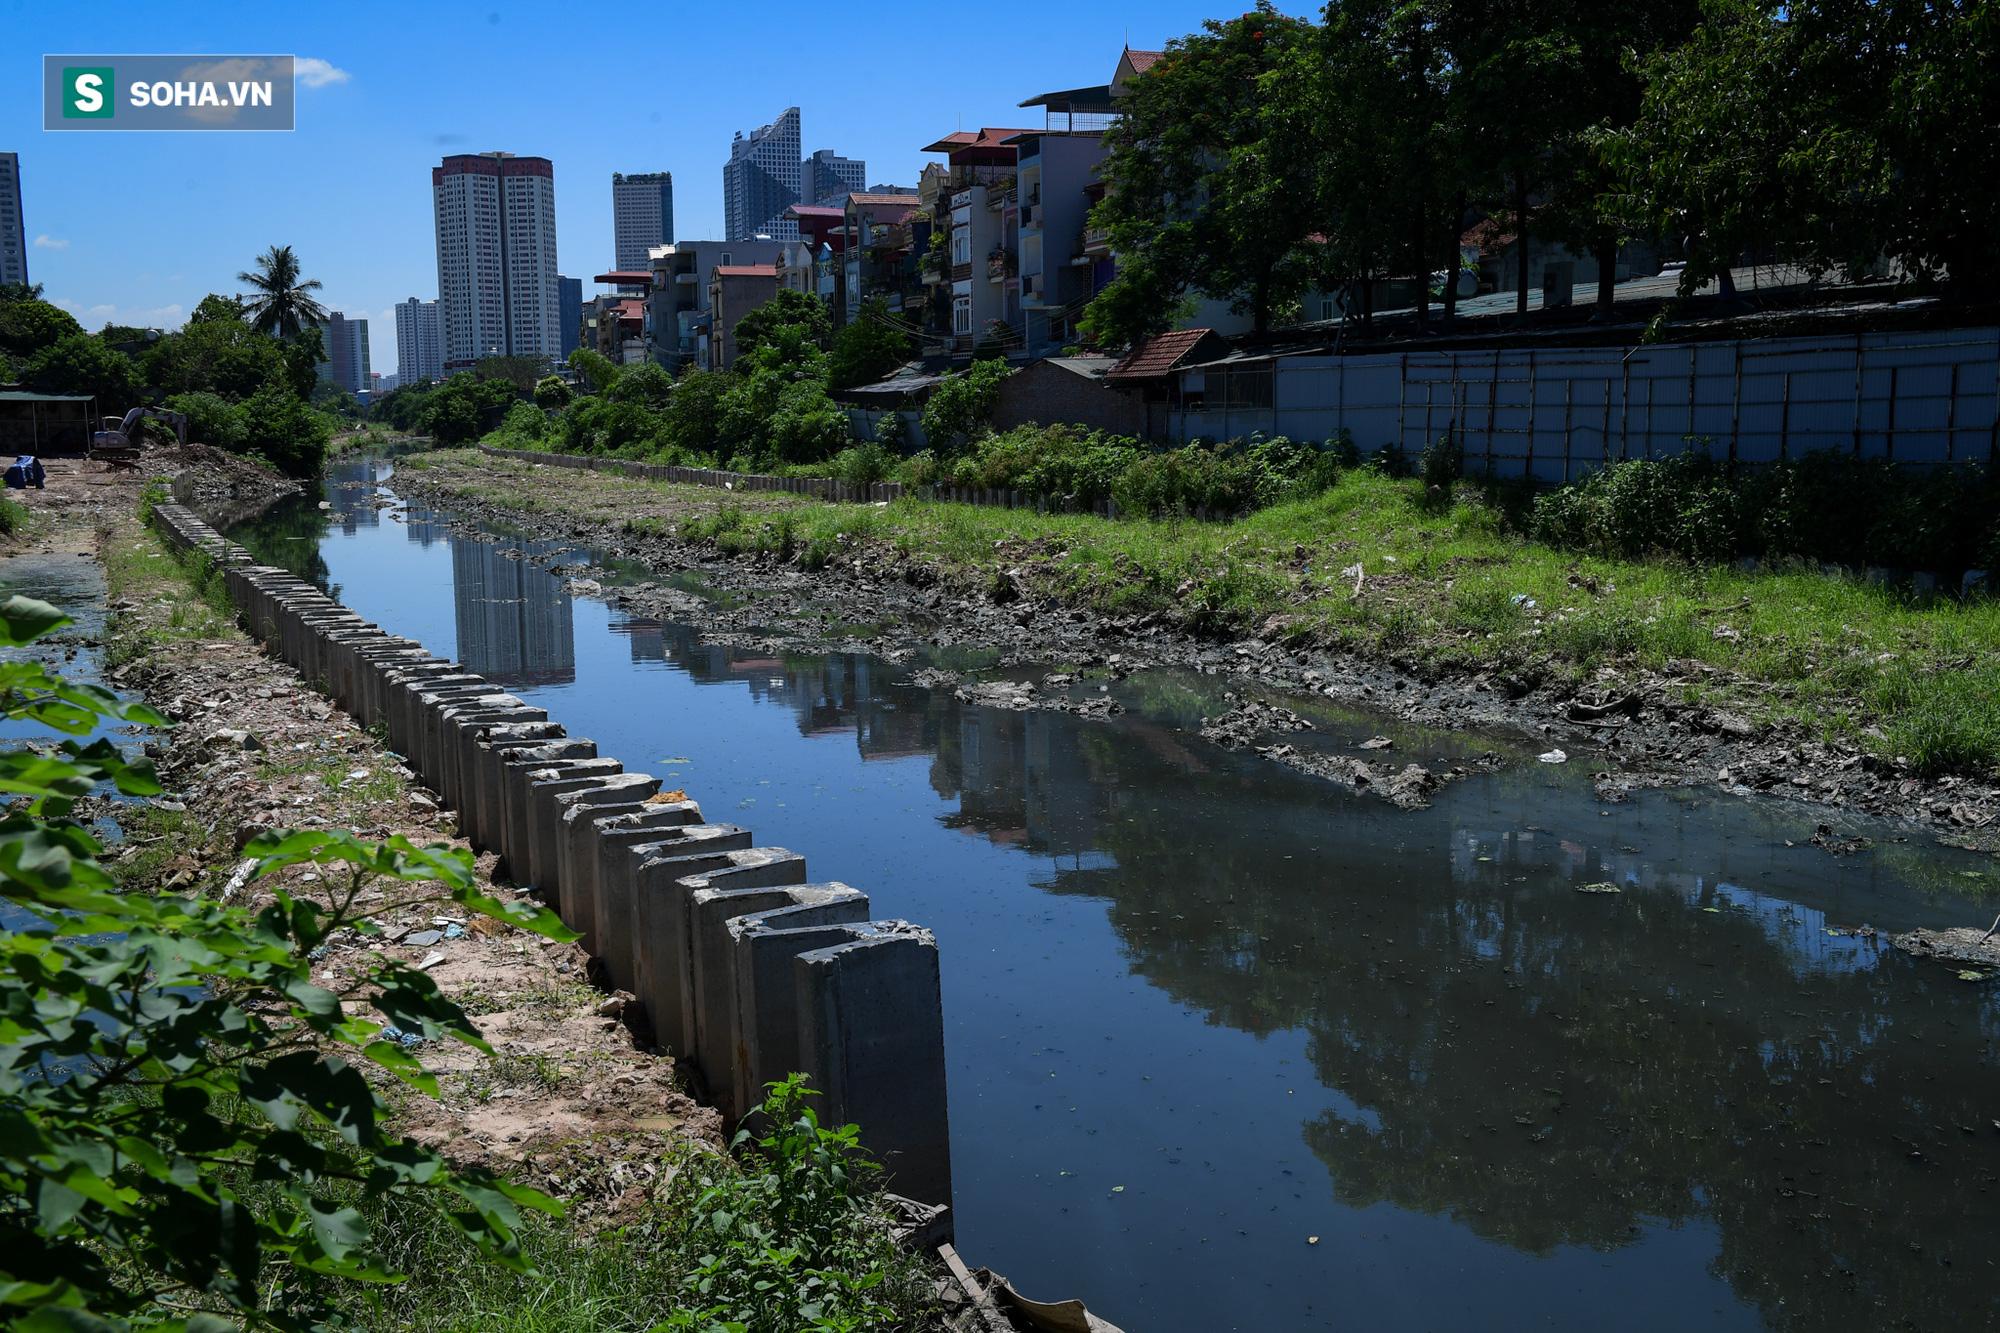 Đại dự án 7.000 tỷ đồng chống ngập cho 6 quận huyện phía Tây TP Hà Nội chậm tiến độ, ngập ngụa trong rác - Ảnh 19.